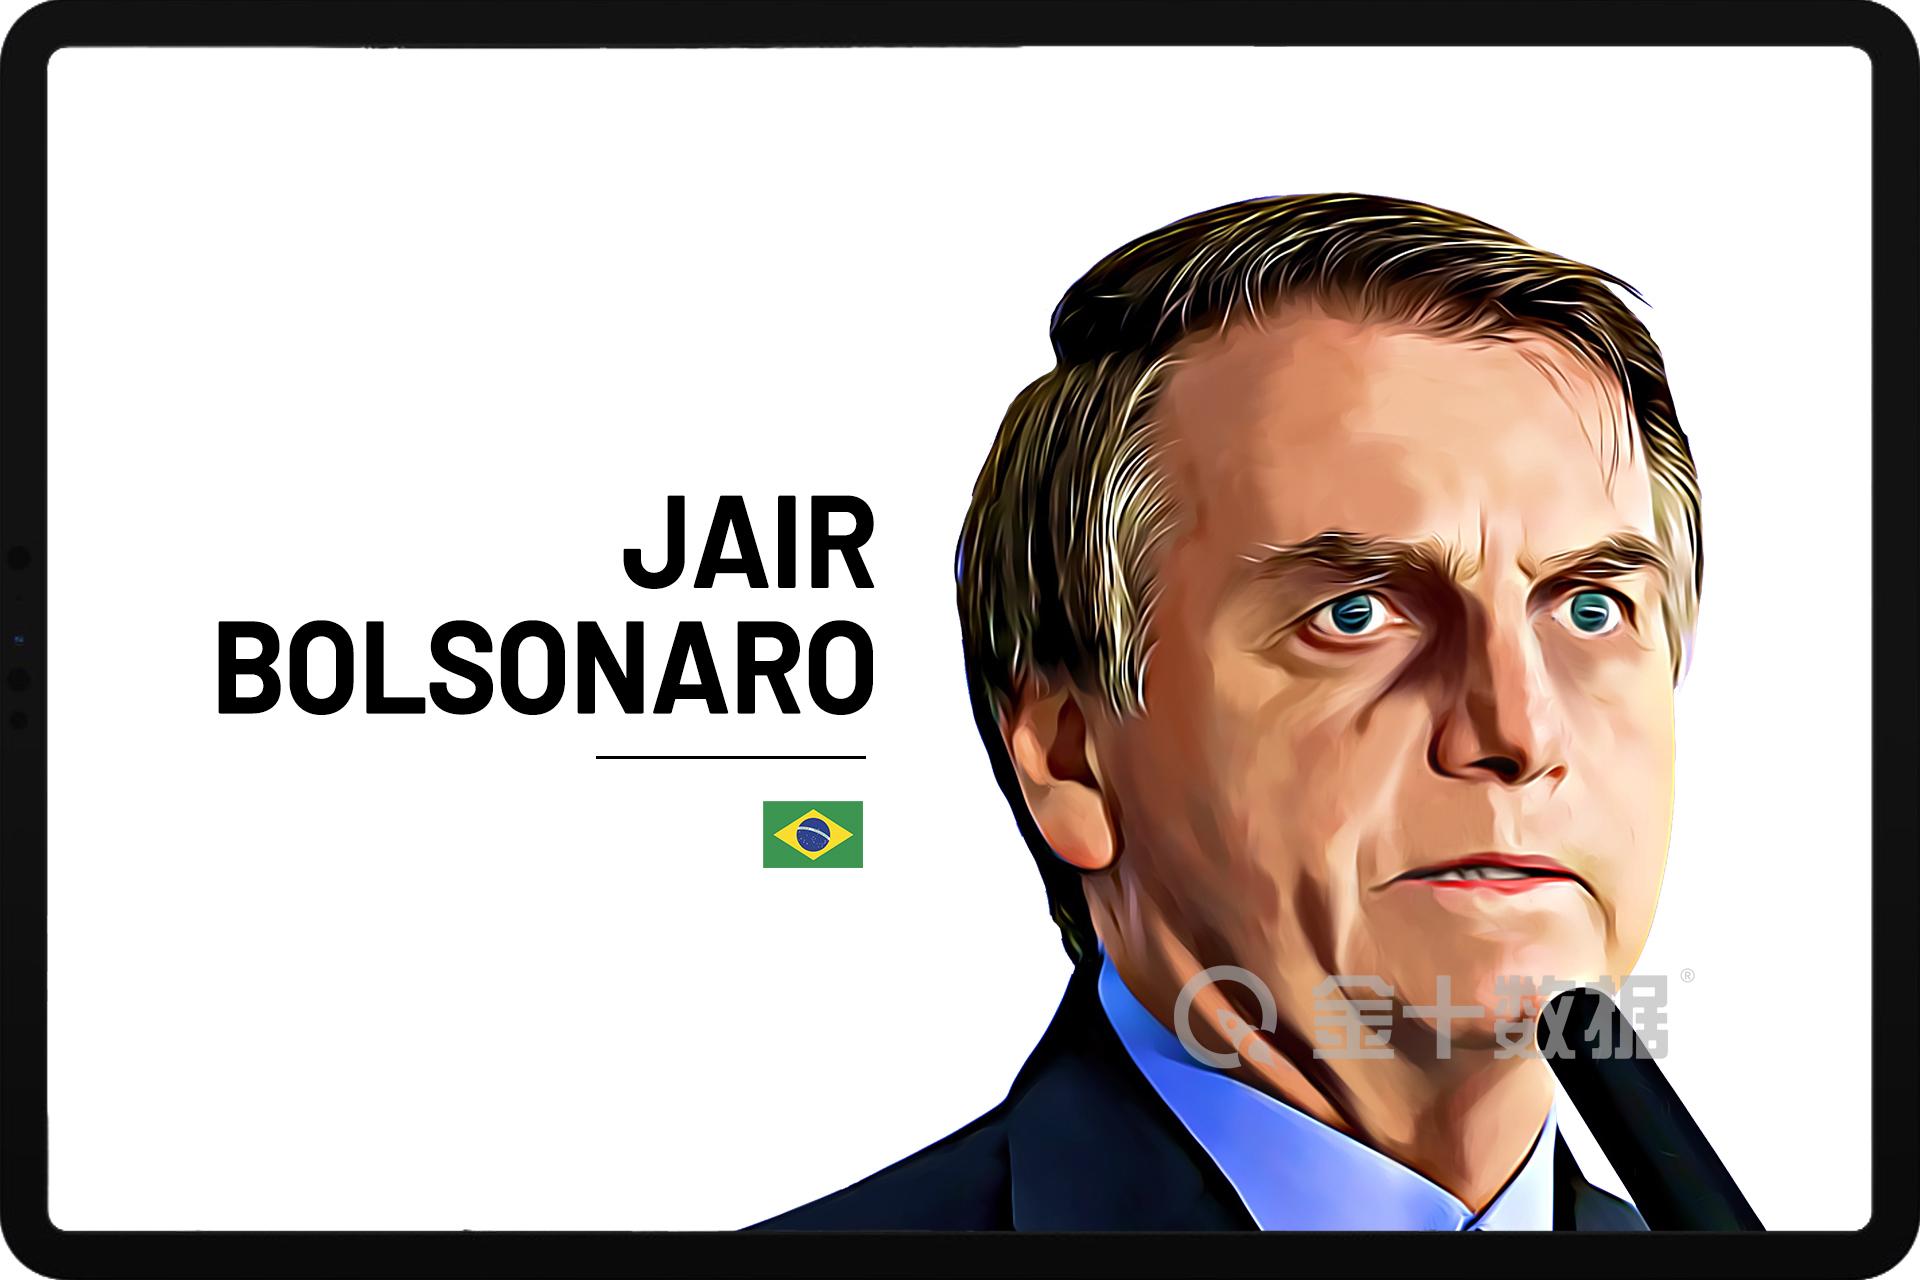 巴西史上最高额赔偿金!铁矿石巨头赔1.7亿,4000万吨产能仍停工